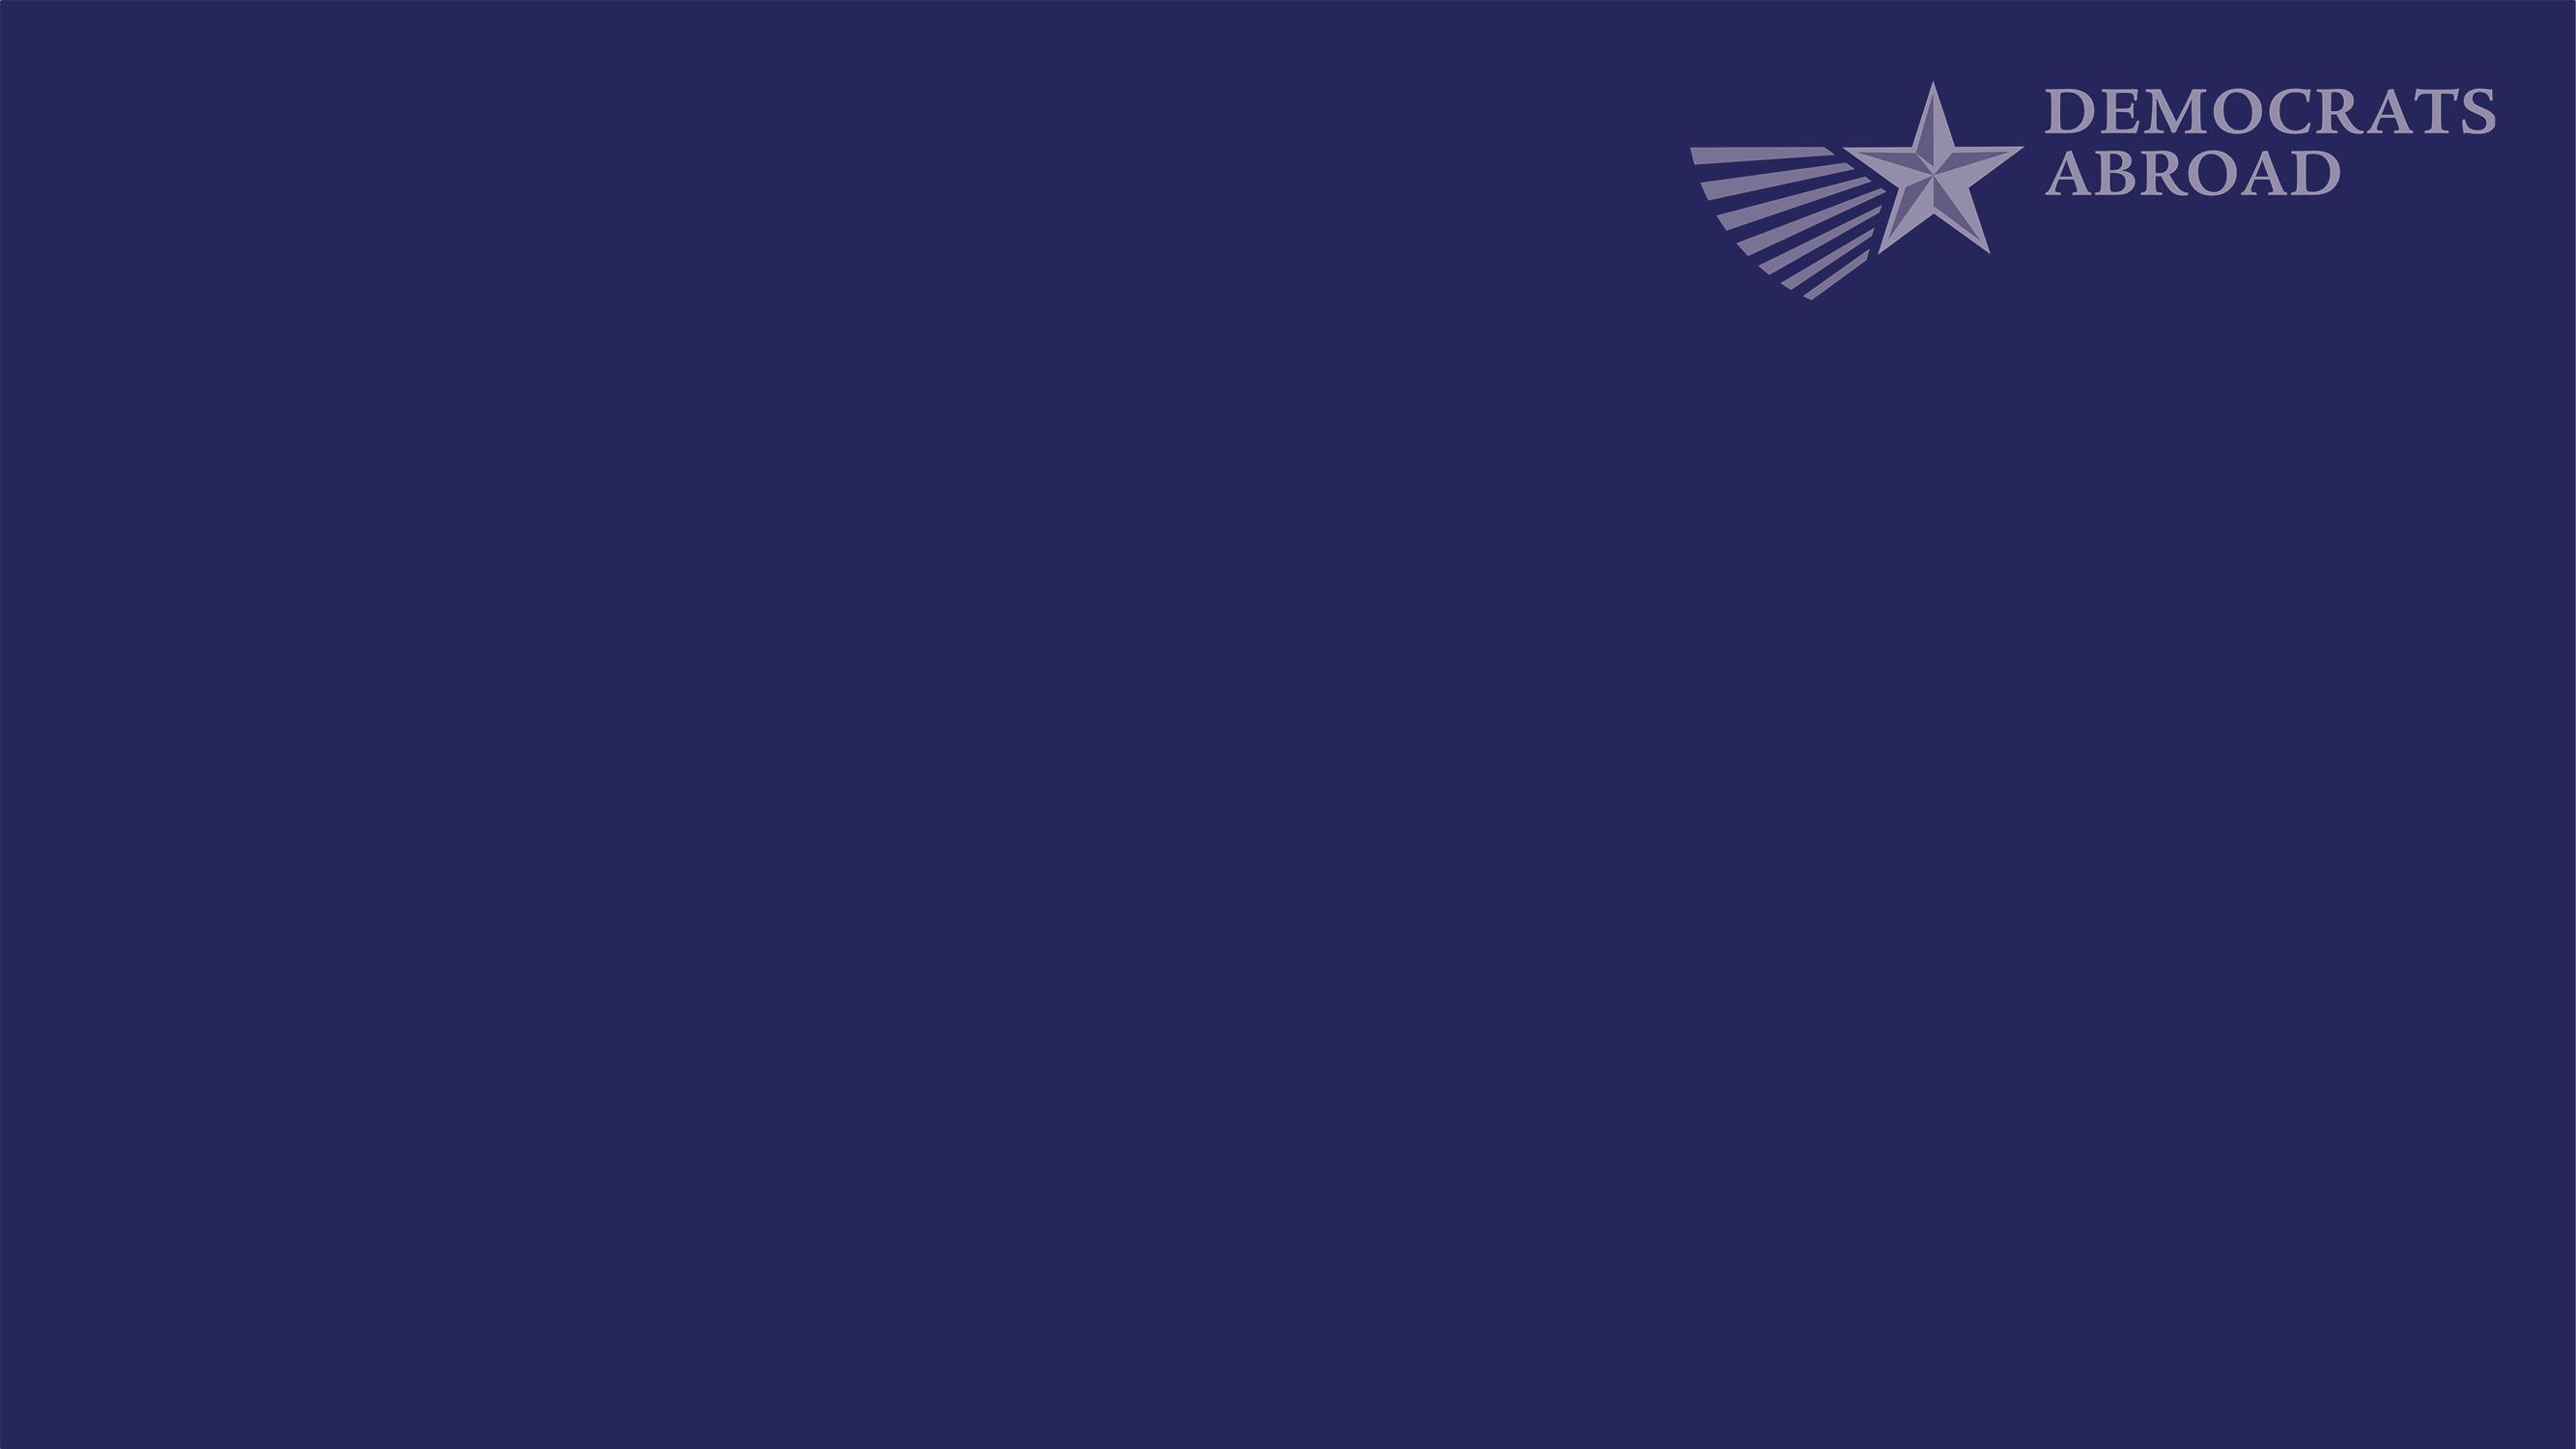 DA plain dark blue zoom background